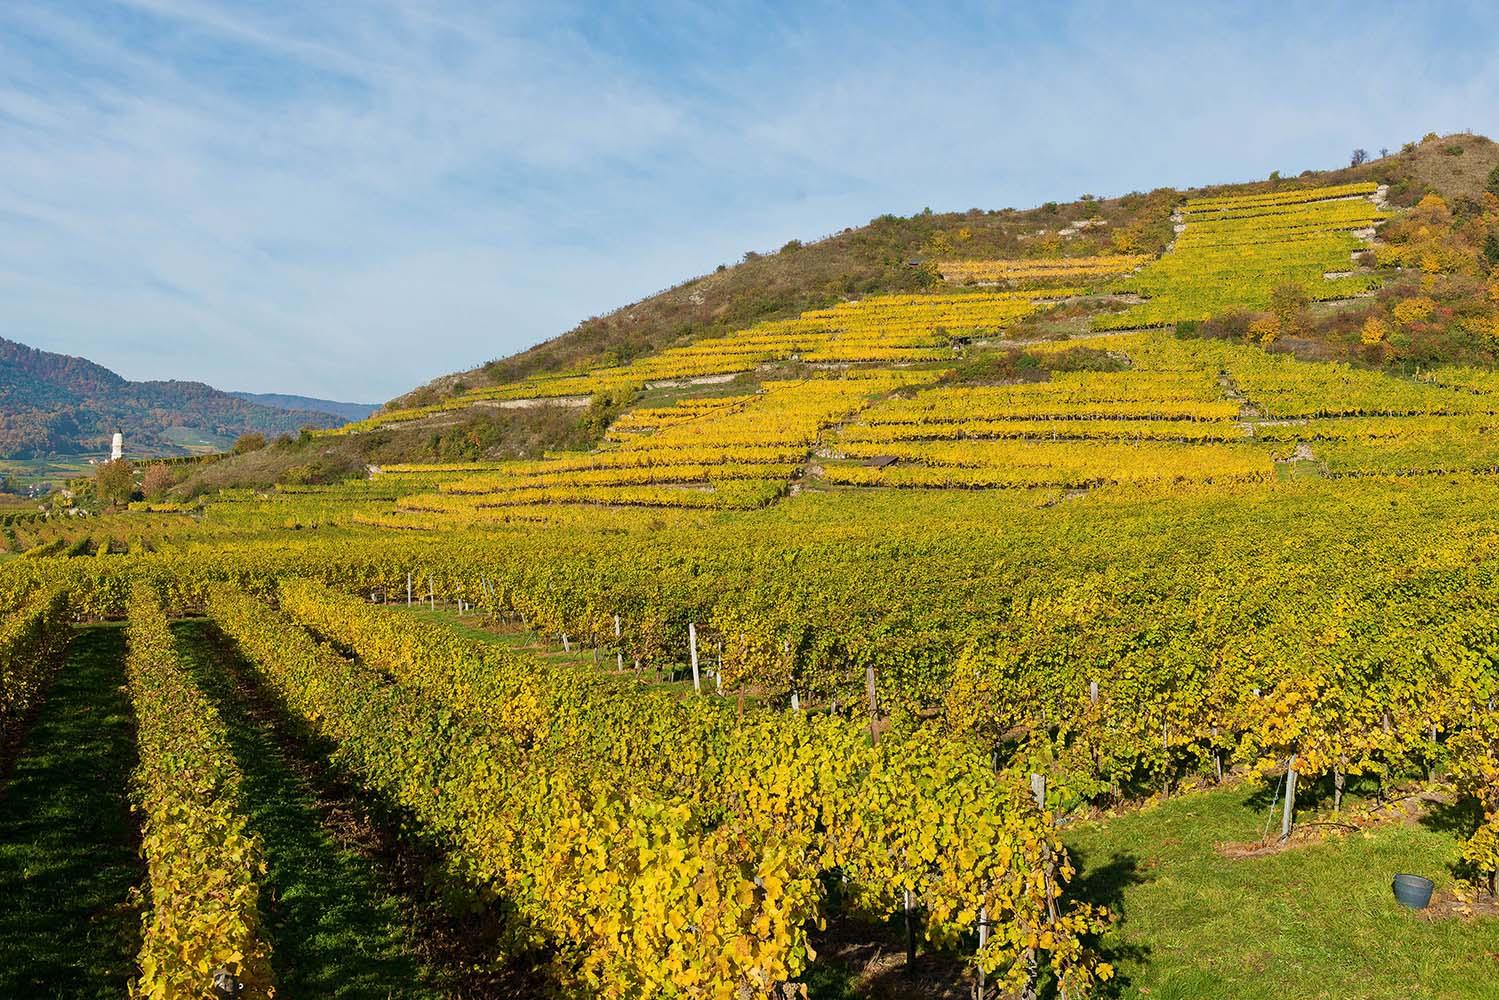 Herbst in der Wachau